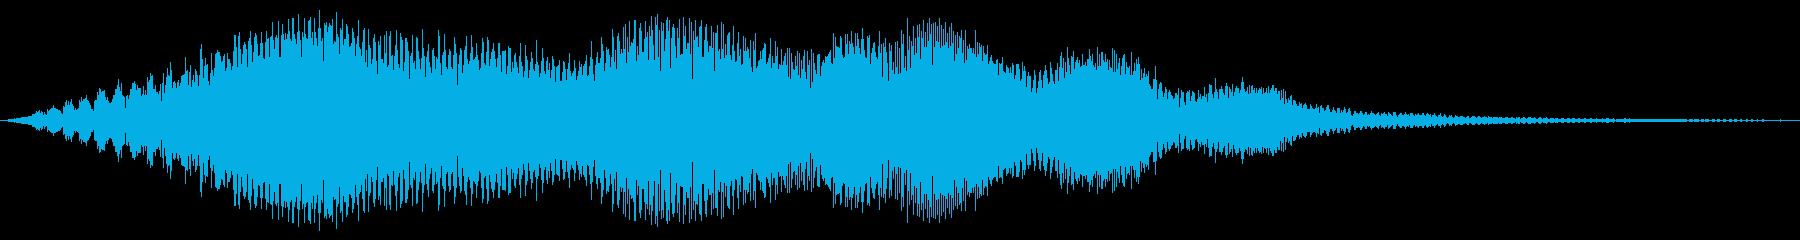 不穏な雰囲気の再生済みの波形